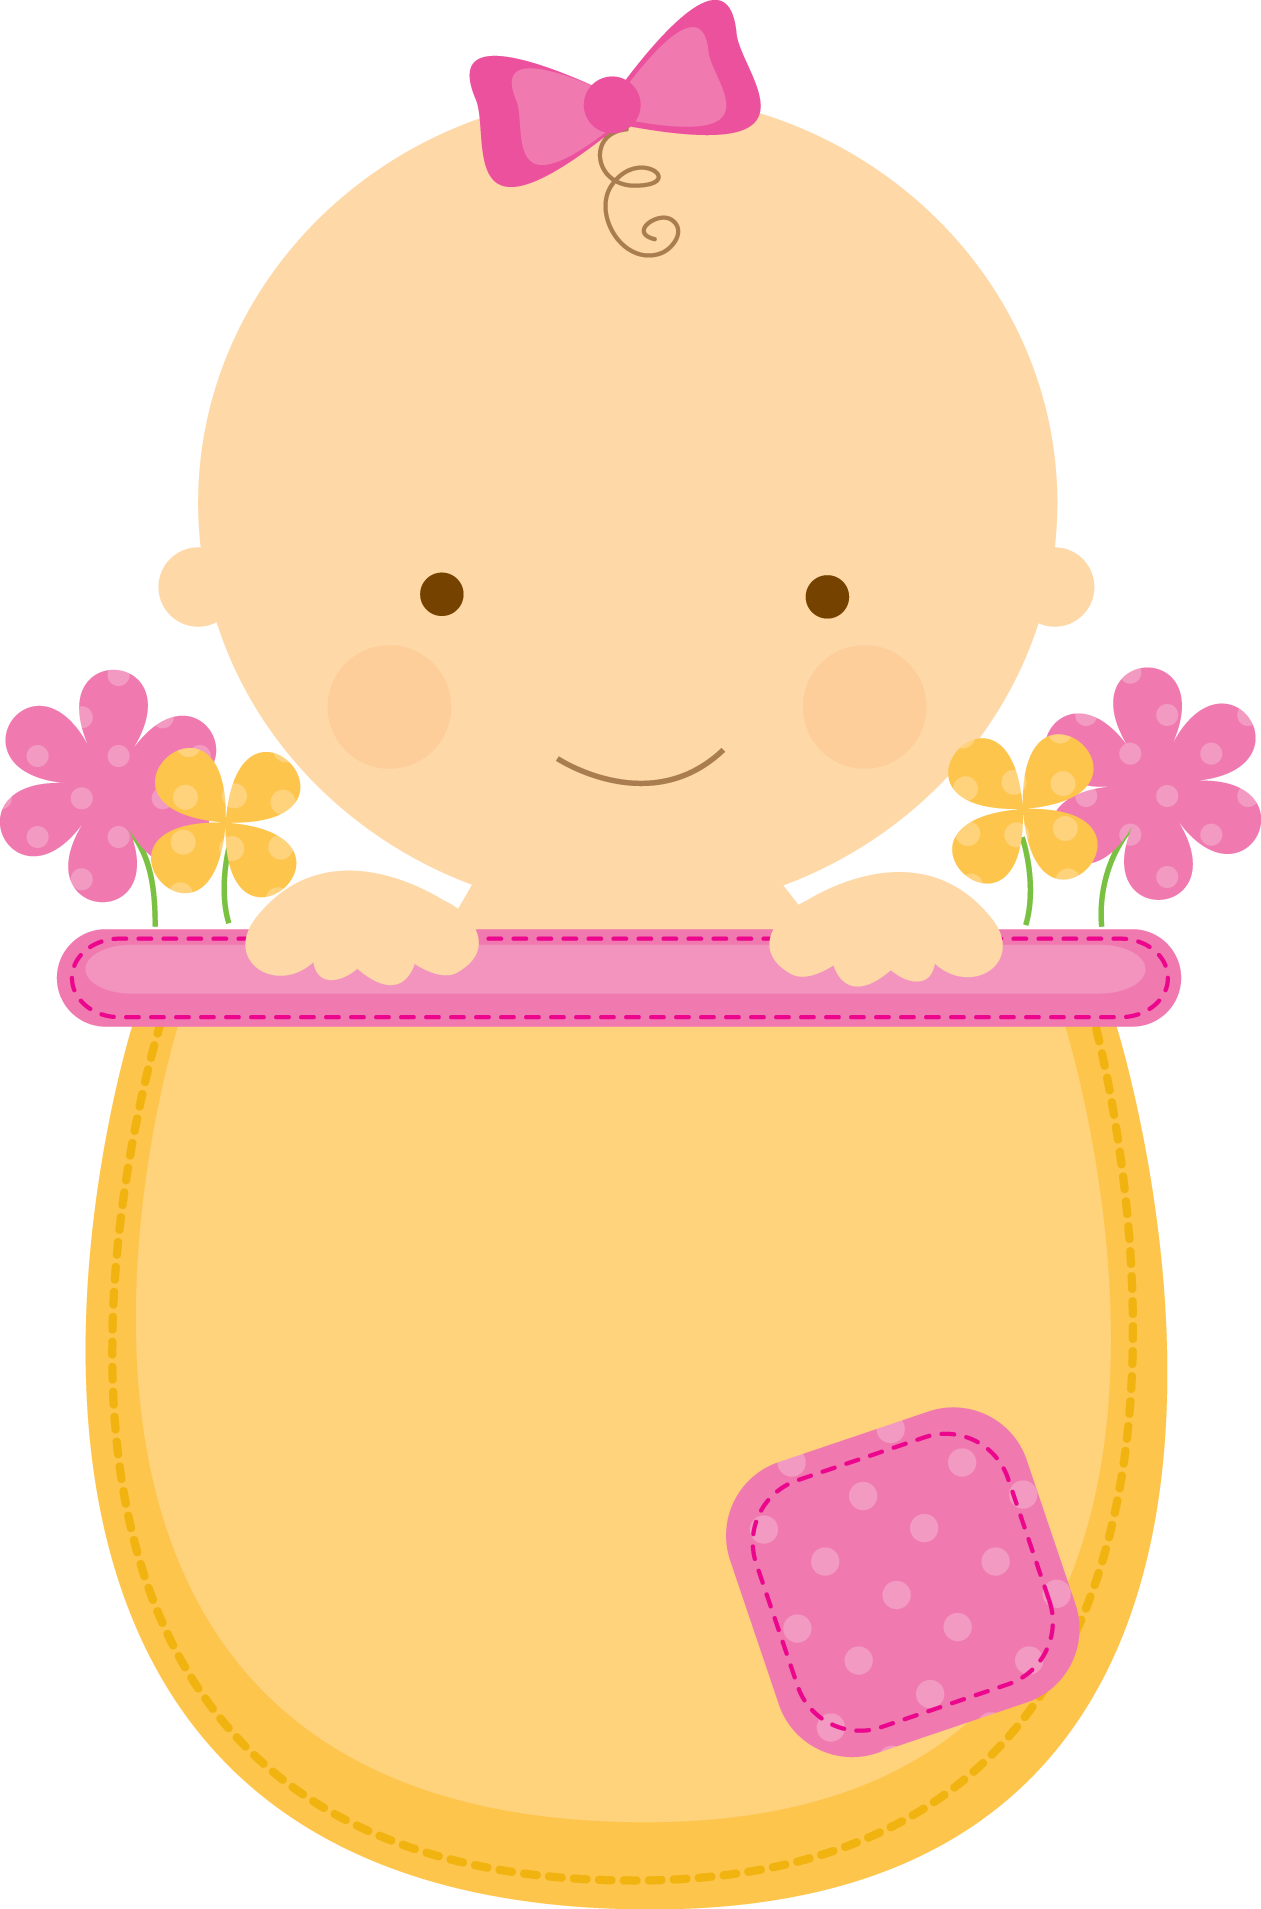 jpg library Babies clipart. Flowerpot babyinflowerpot pink yellow